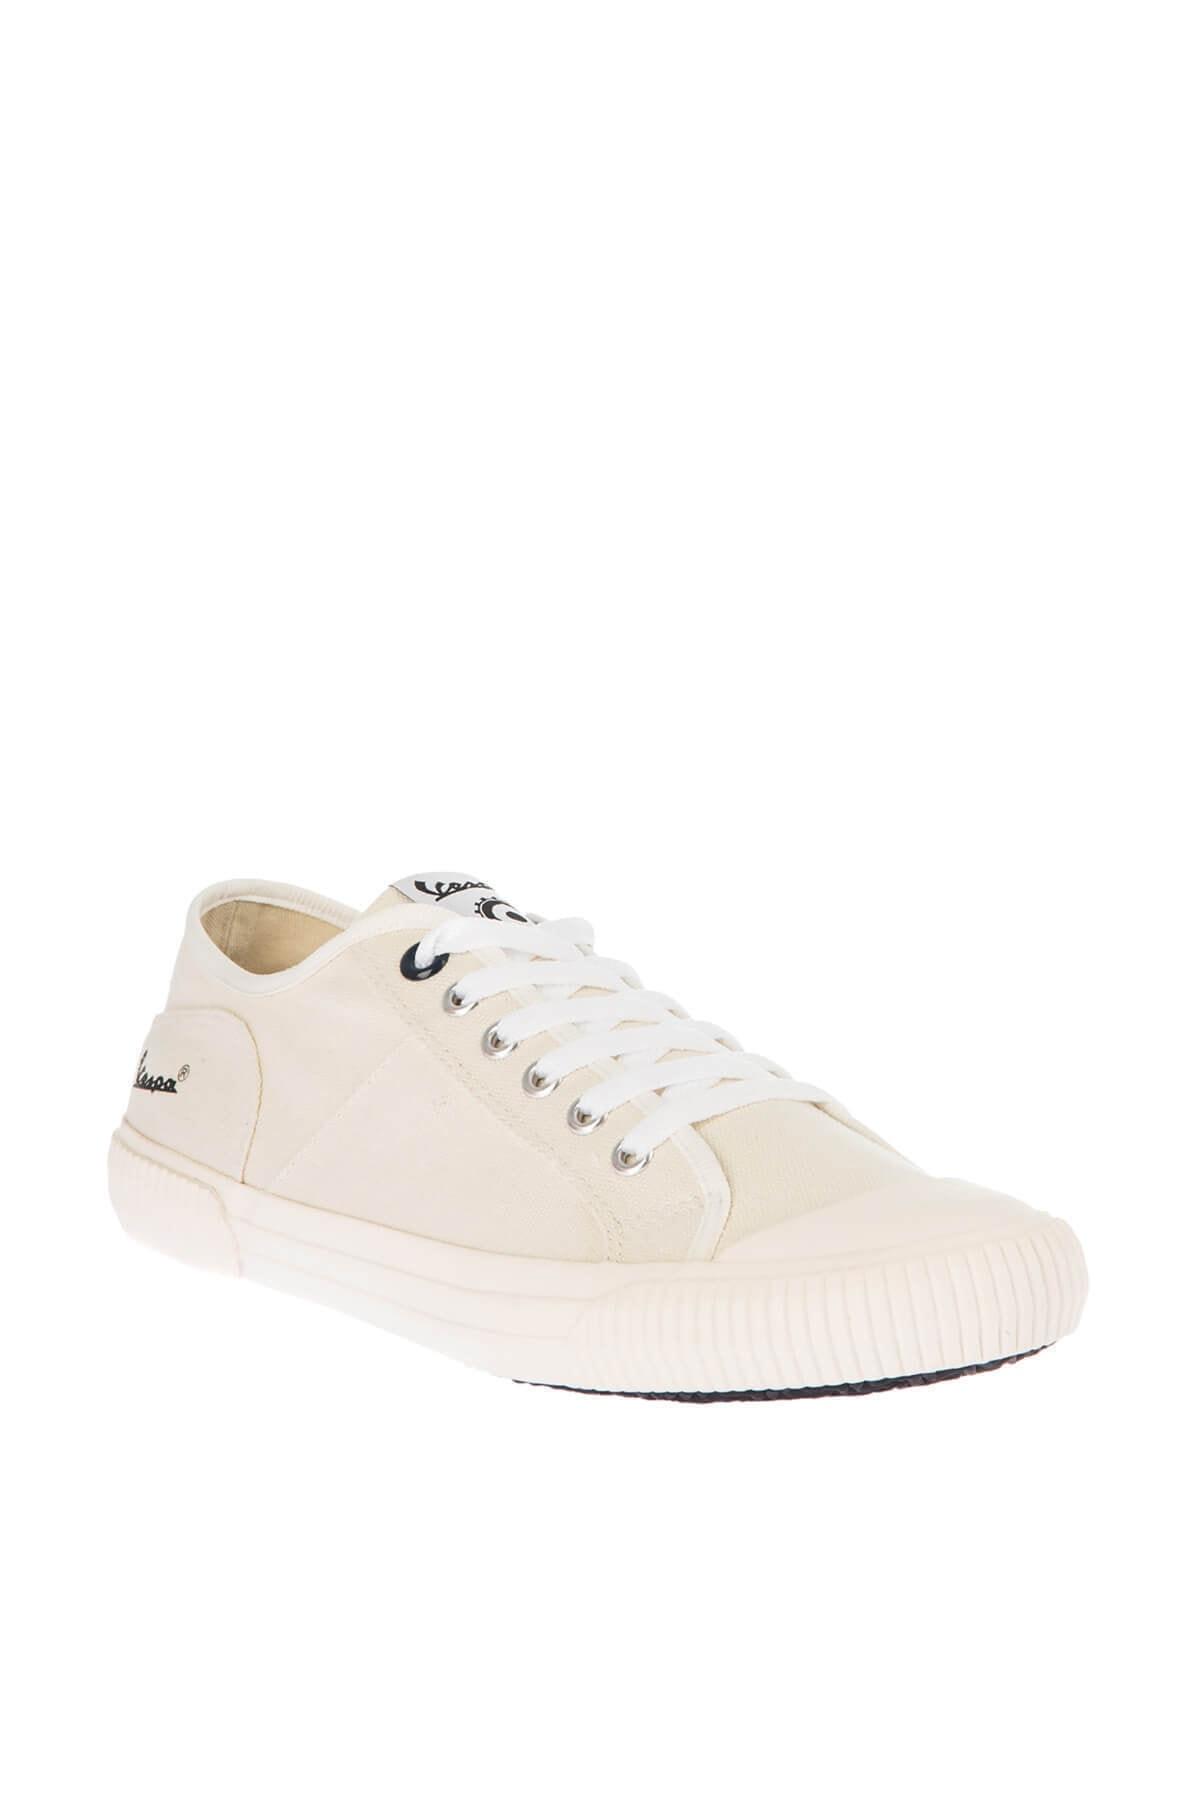 Vespa Valvola Unisex Low Sneakers 2